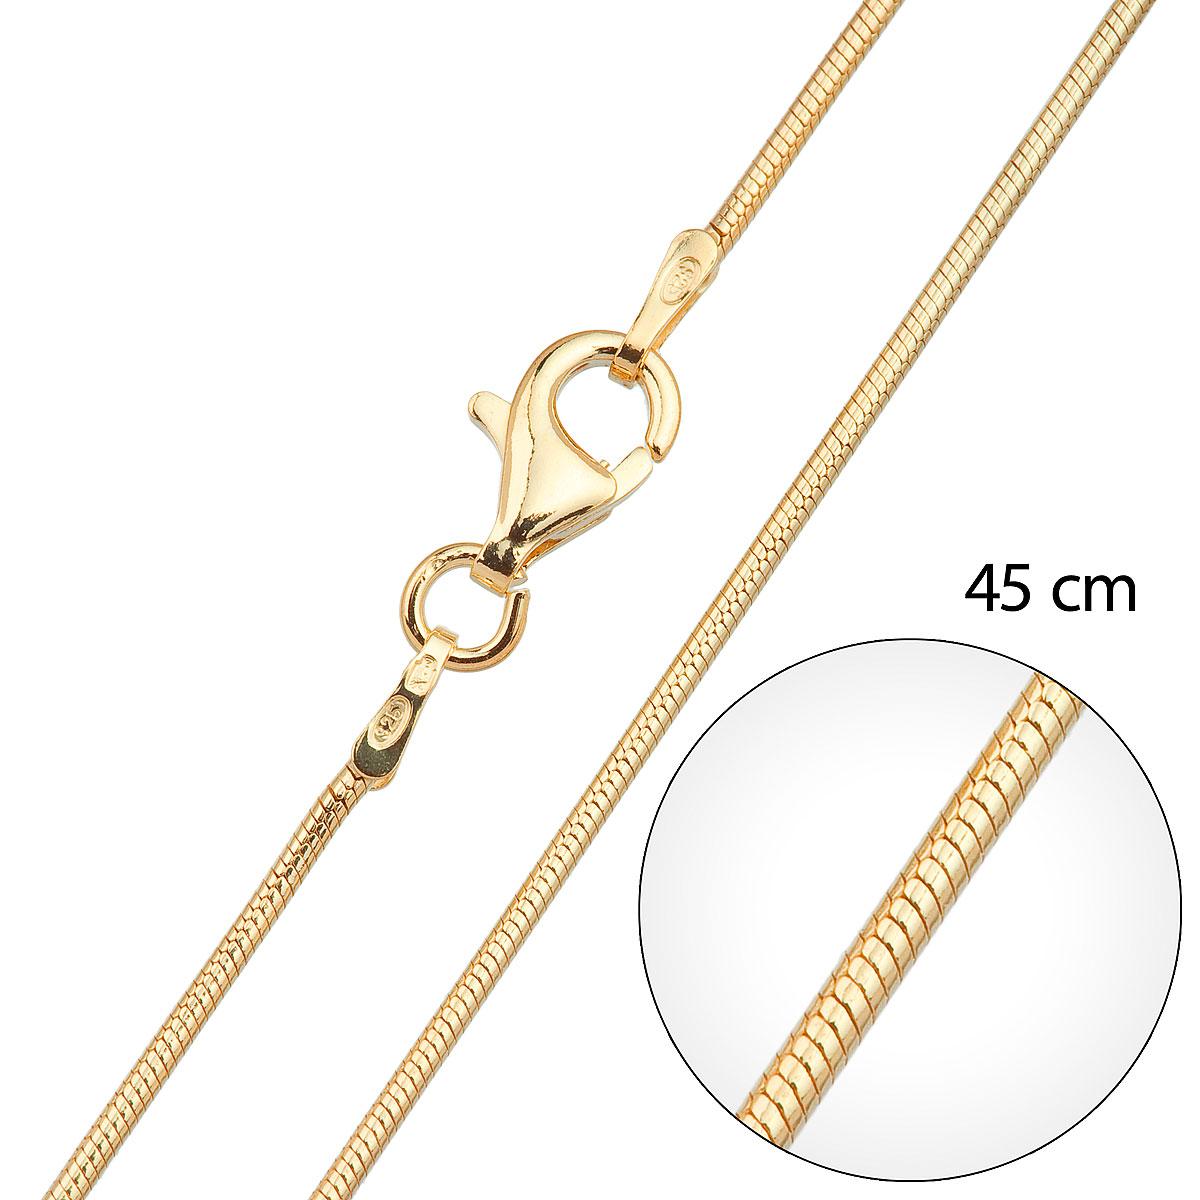 Pozlacený řetízek kulatý délka 45 cm 30004